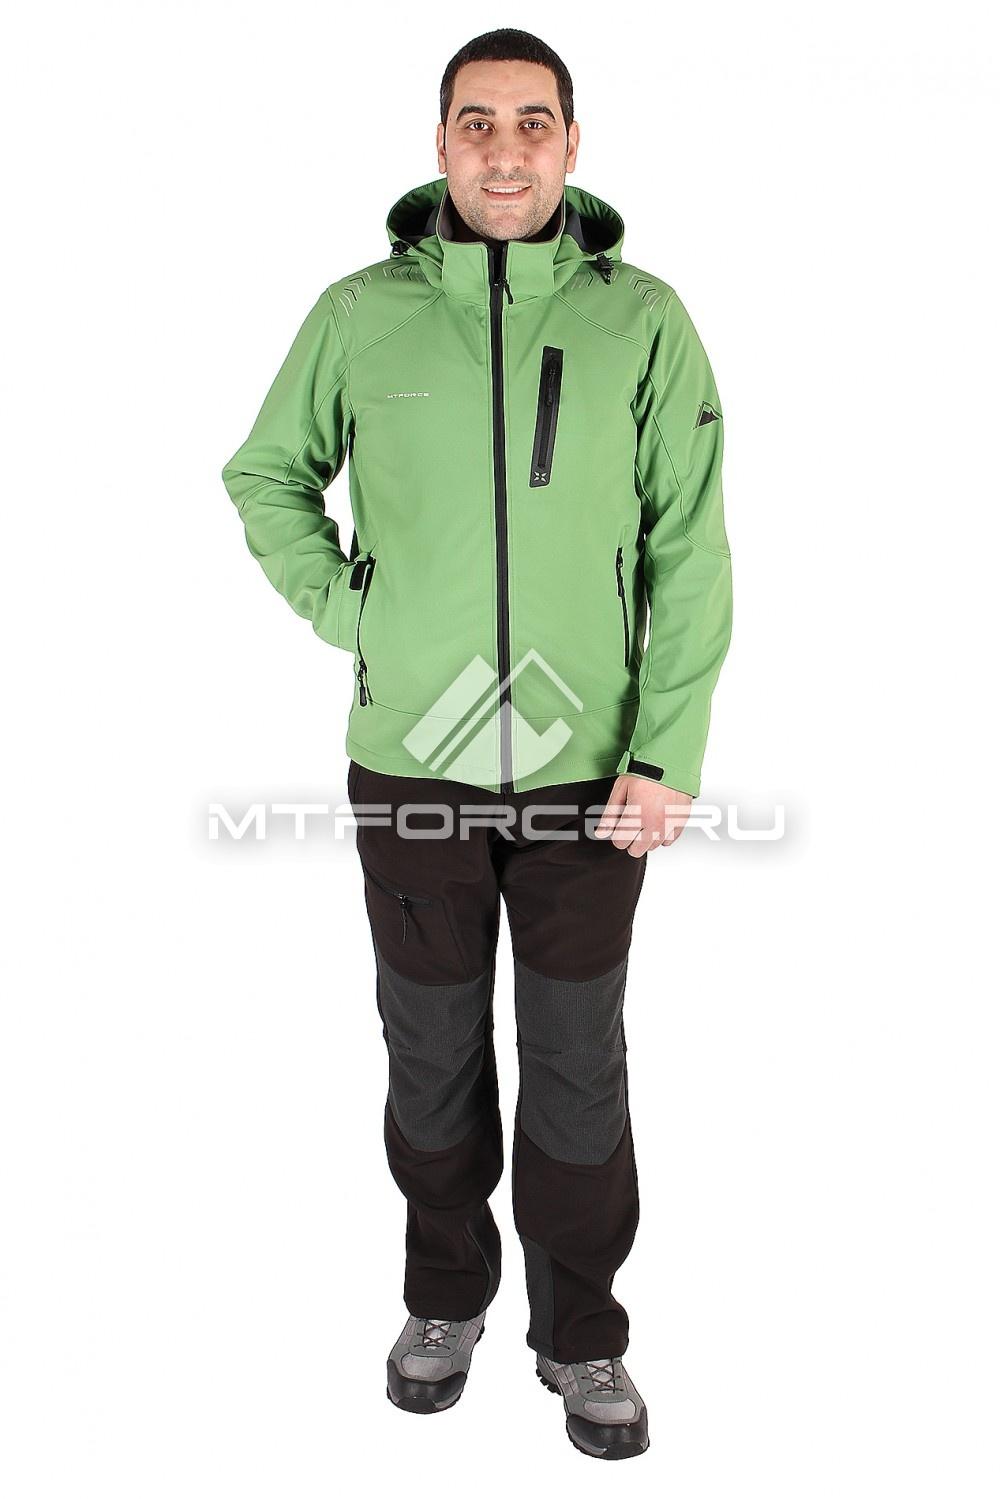 Купить                                  оптом Костюм виндстопер мужской зеленного цвета  01605Z